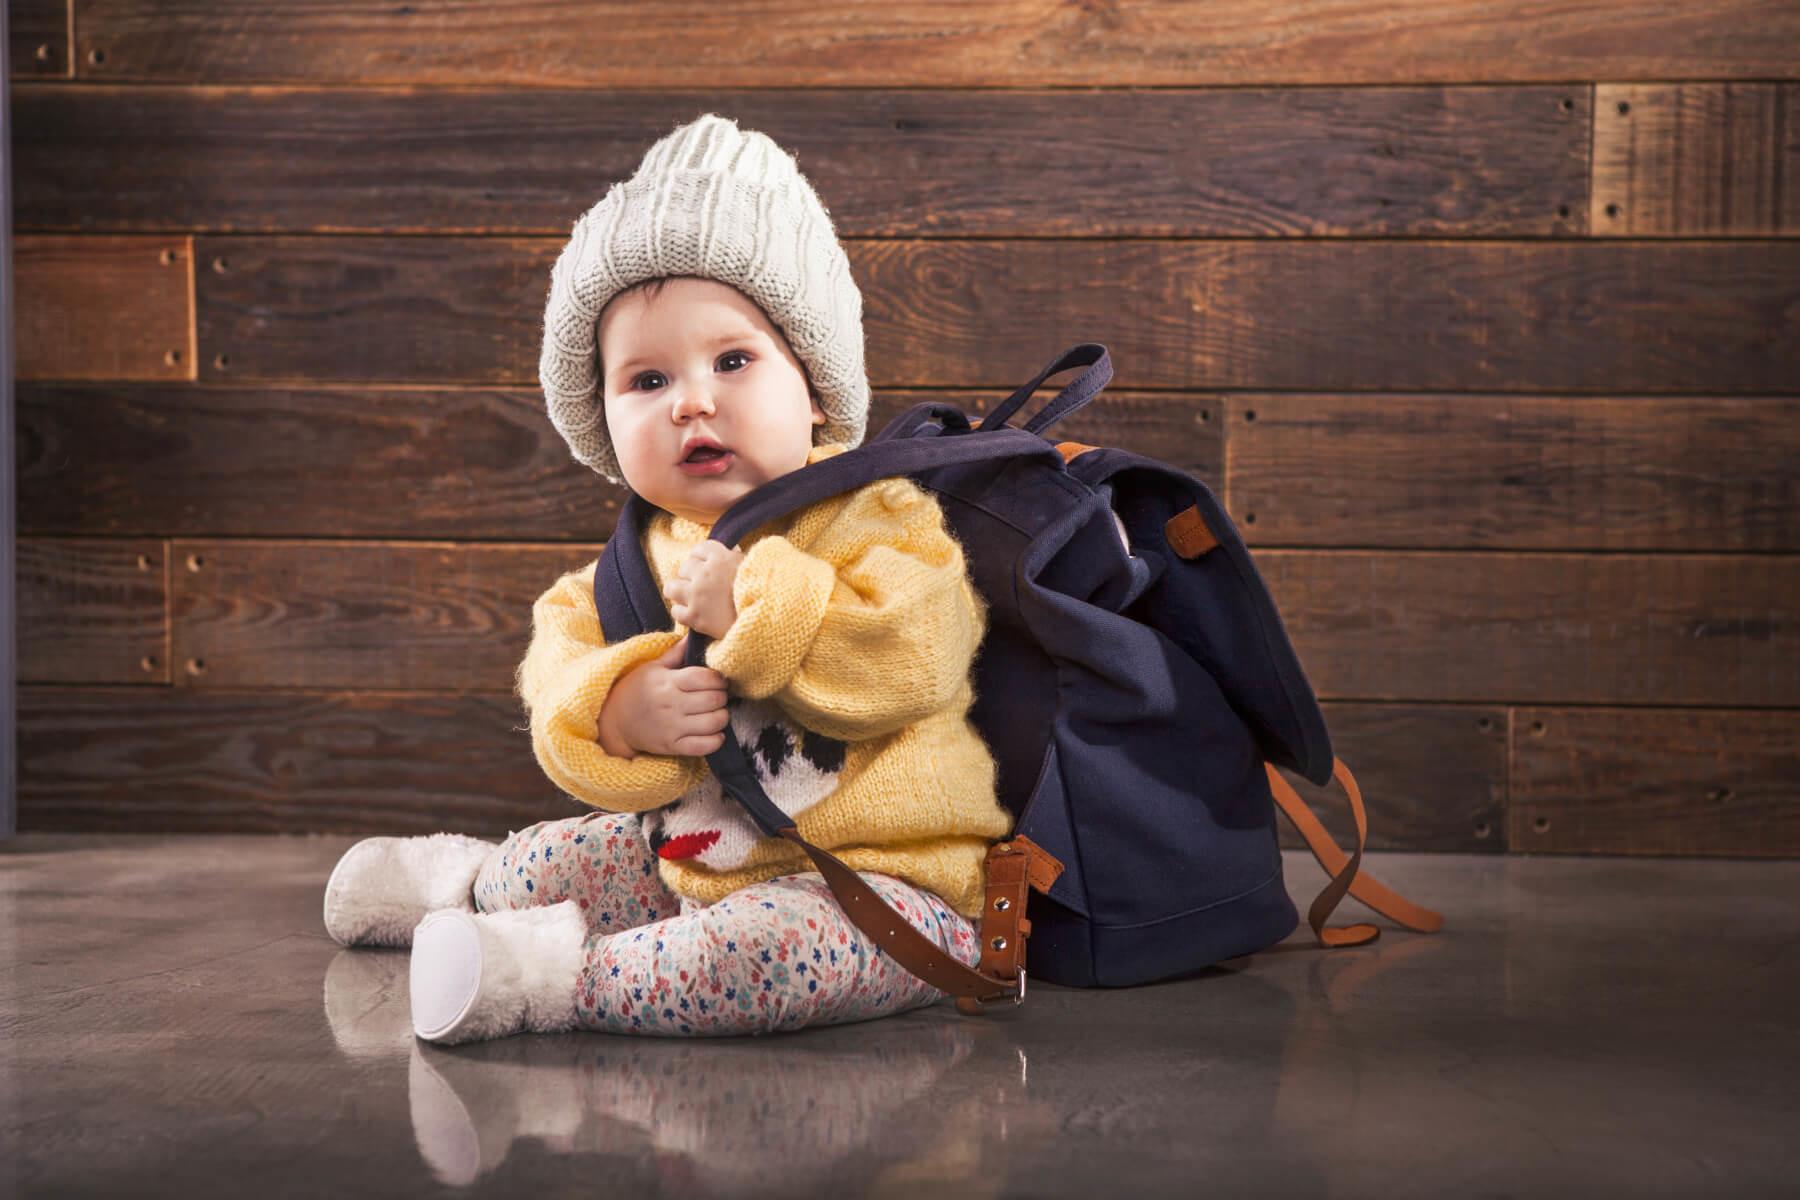 Preslačenje beba zna biti prava avantura